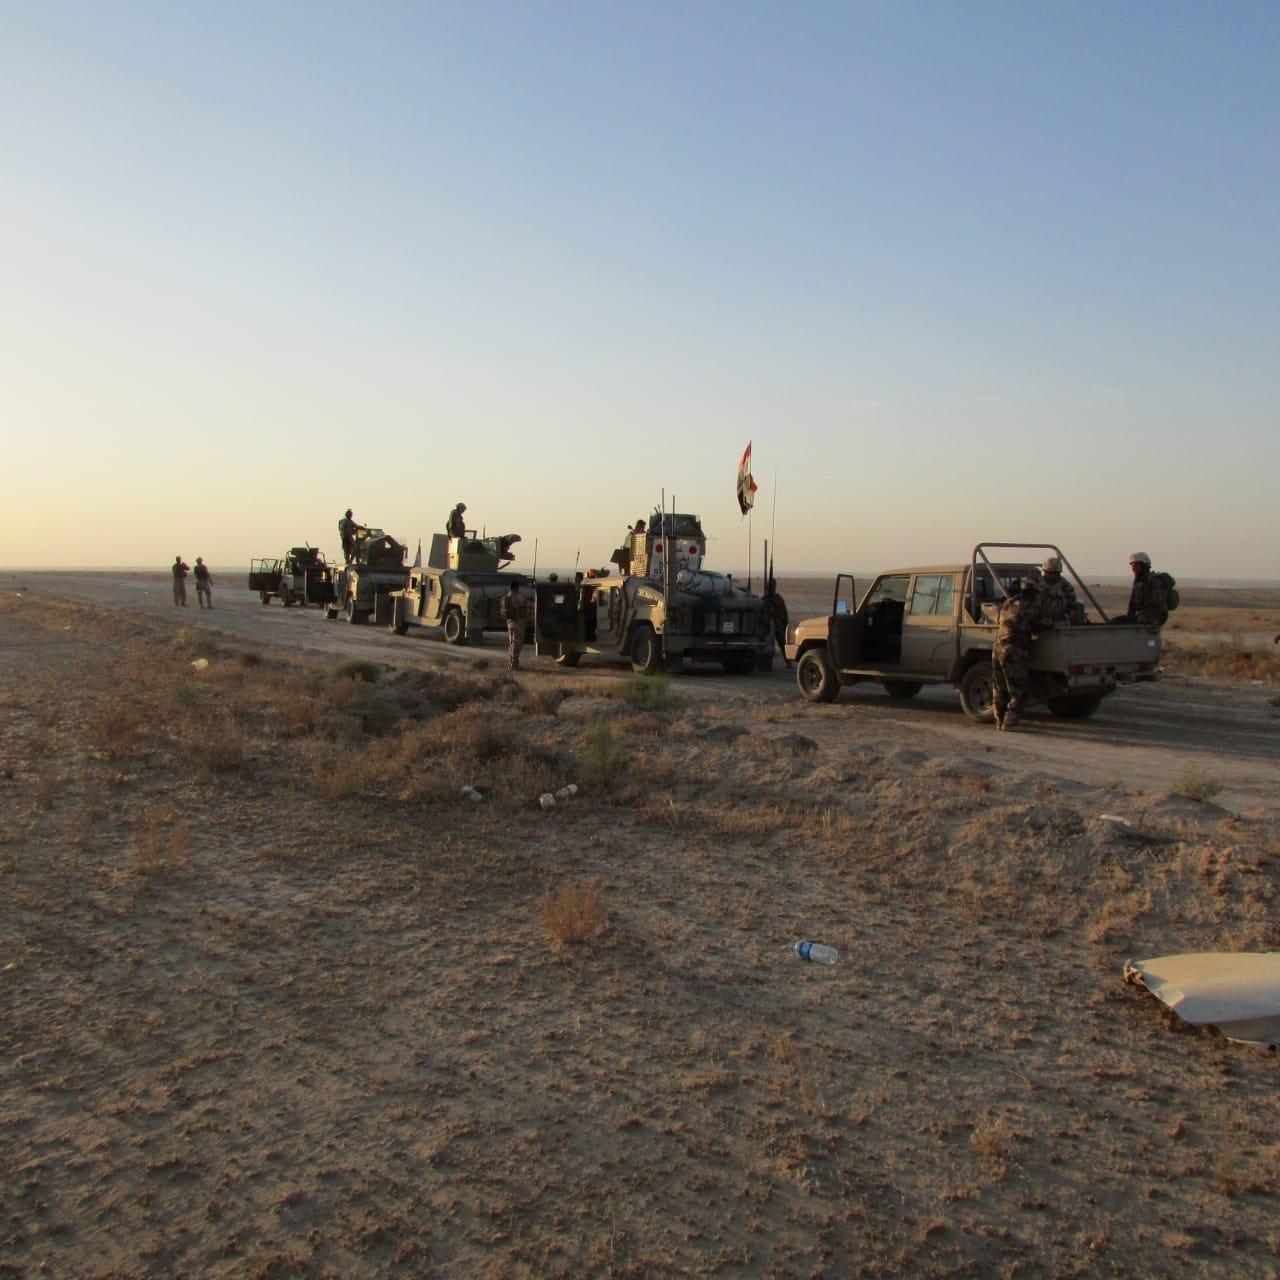 بالصور.. نتائج اليوم الاول من عمليات مطاردة داعش في صحراء الأنبار